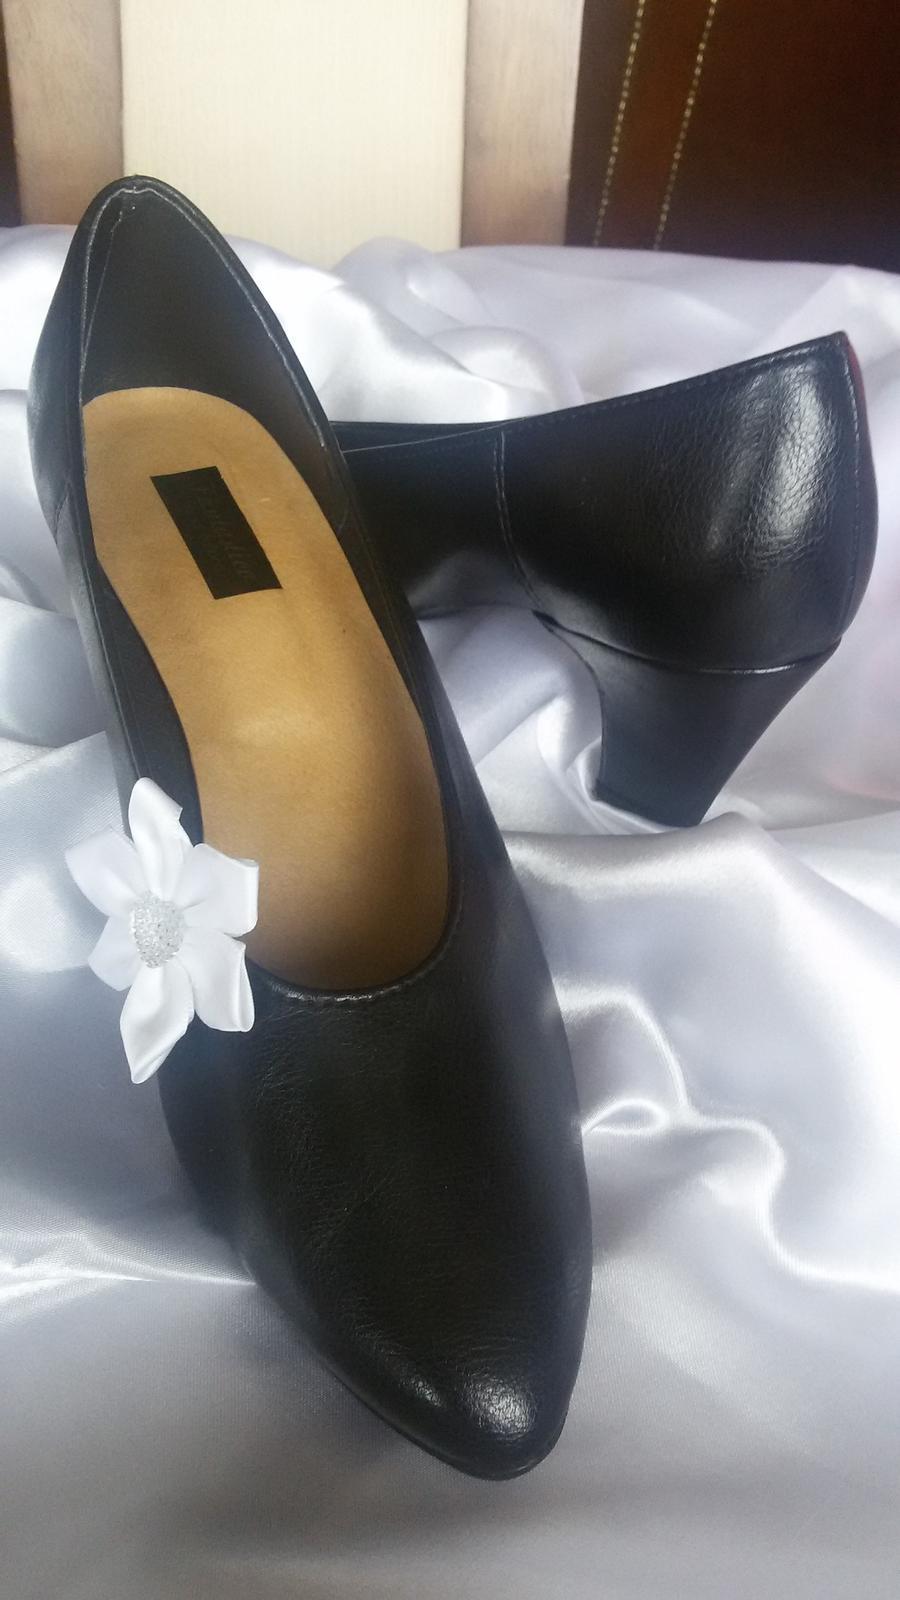 Klipy na obuv - Obrázek č. 2